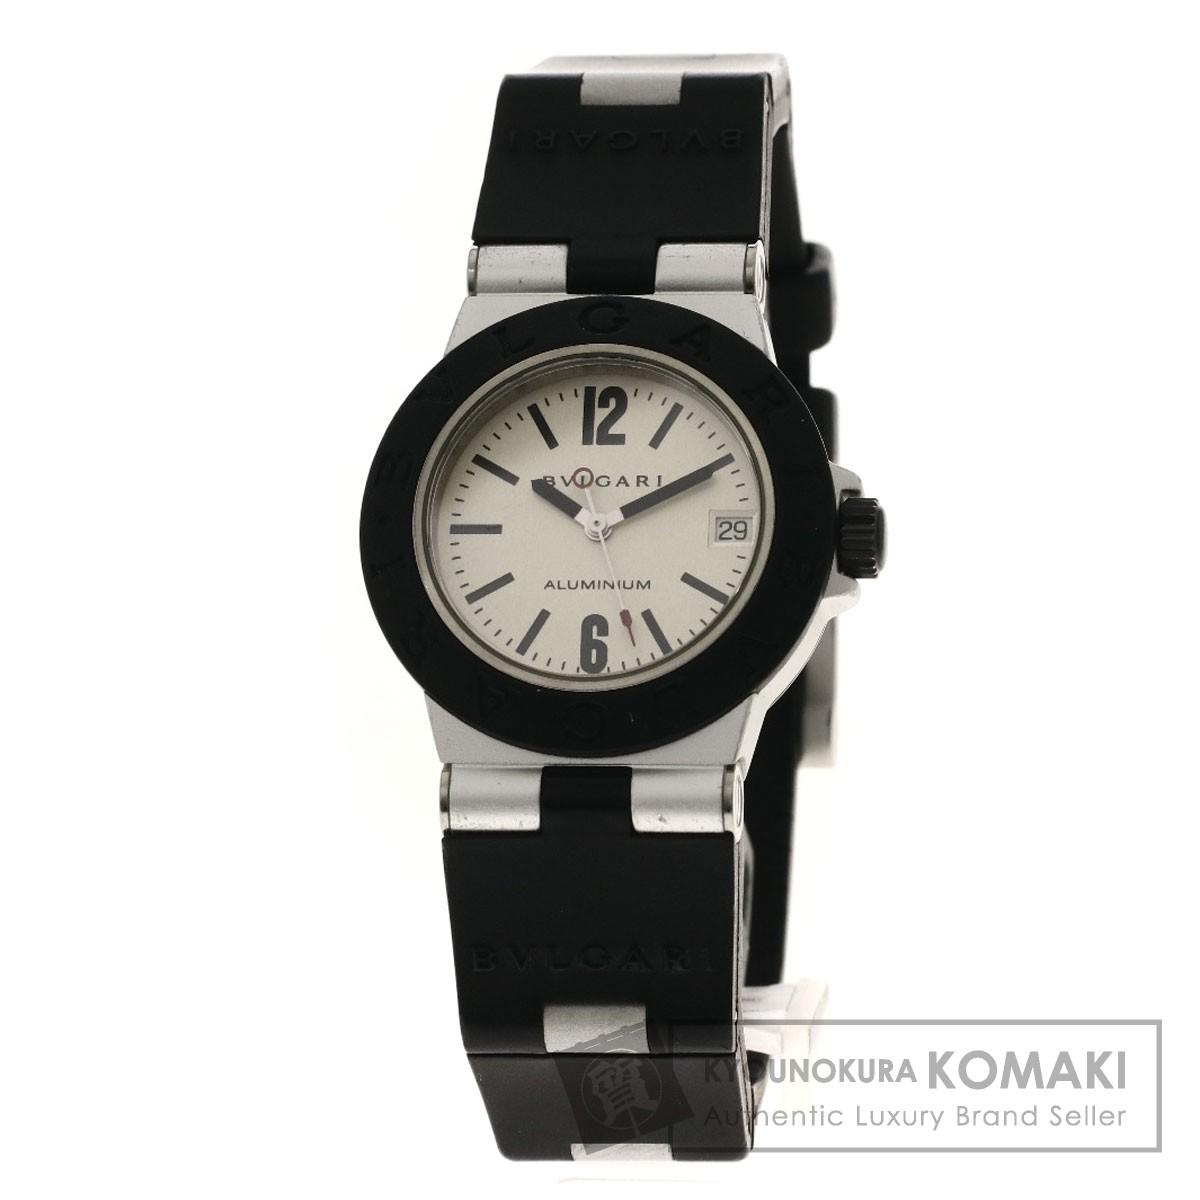 ブルガリ AL32TAVD アルミニウム 腕時計 アルミニウム/ラバー レディース 【中古】【BVLGARI】